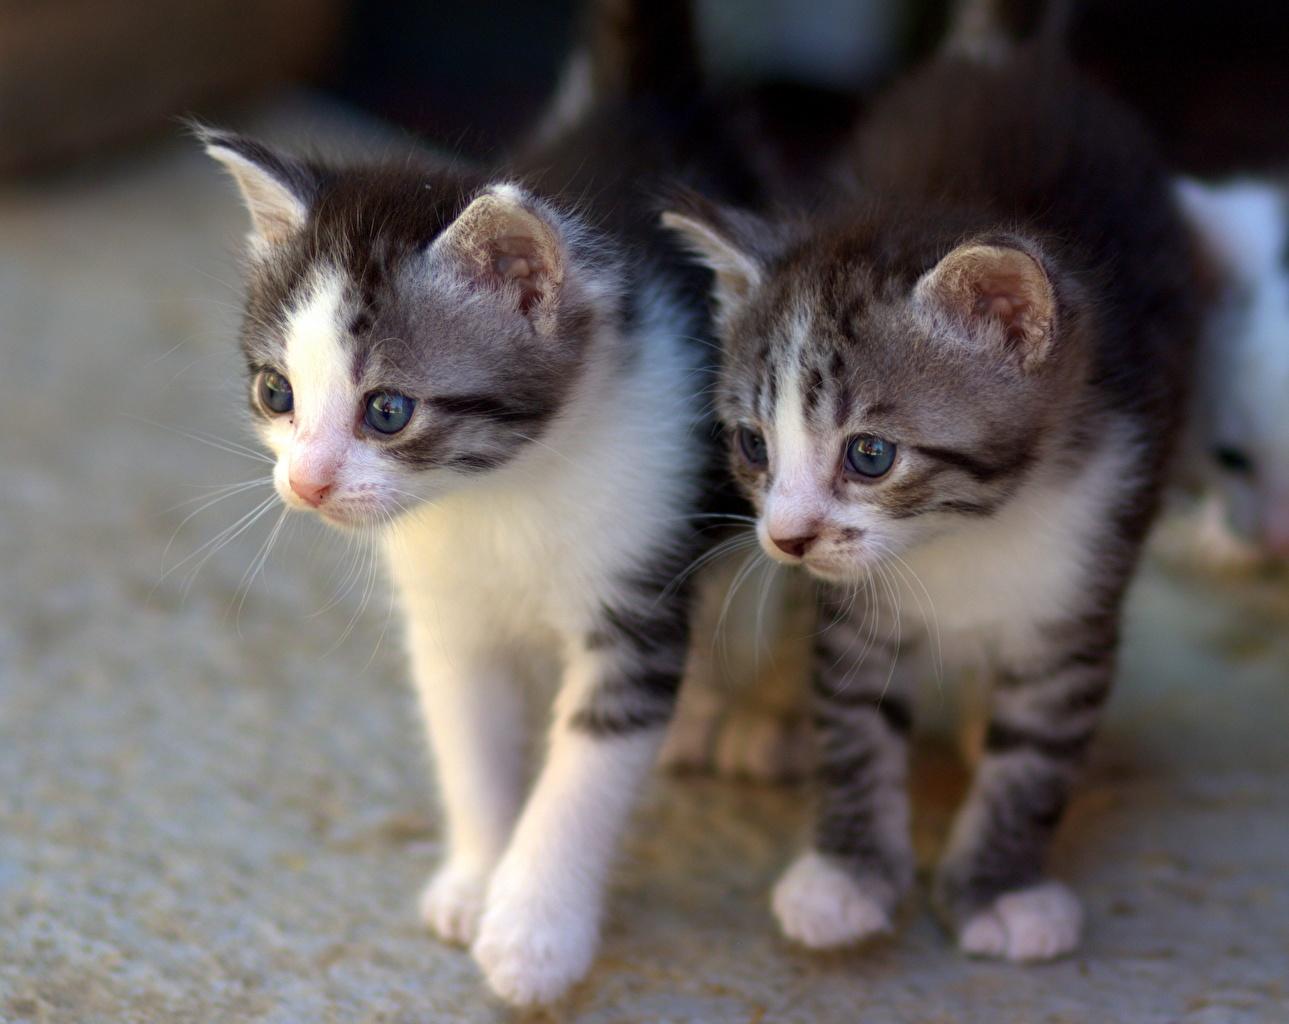 Фото котят Кошки Двое смотрят животное Котята котенок котенка кот коты кошка 2 два две вдвоем Взгляд смотрит Животные